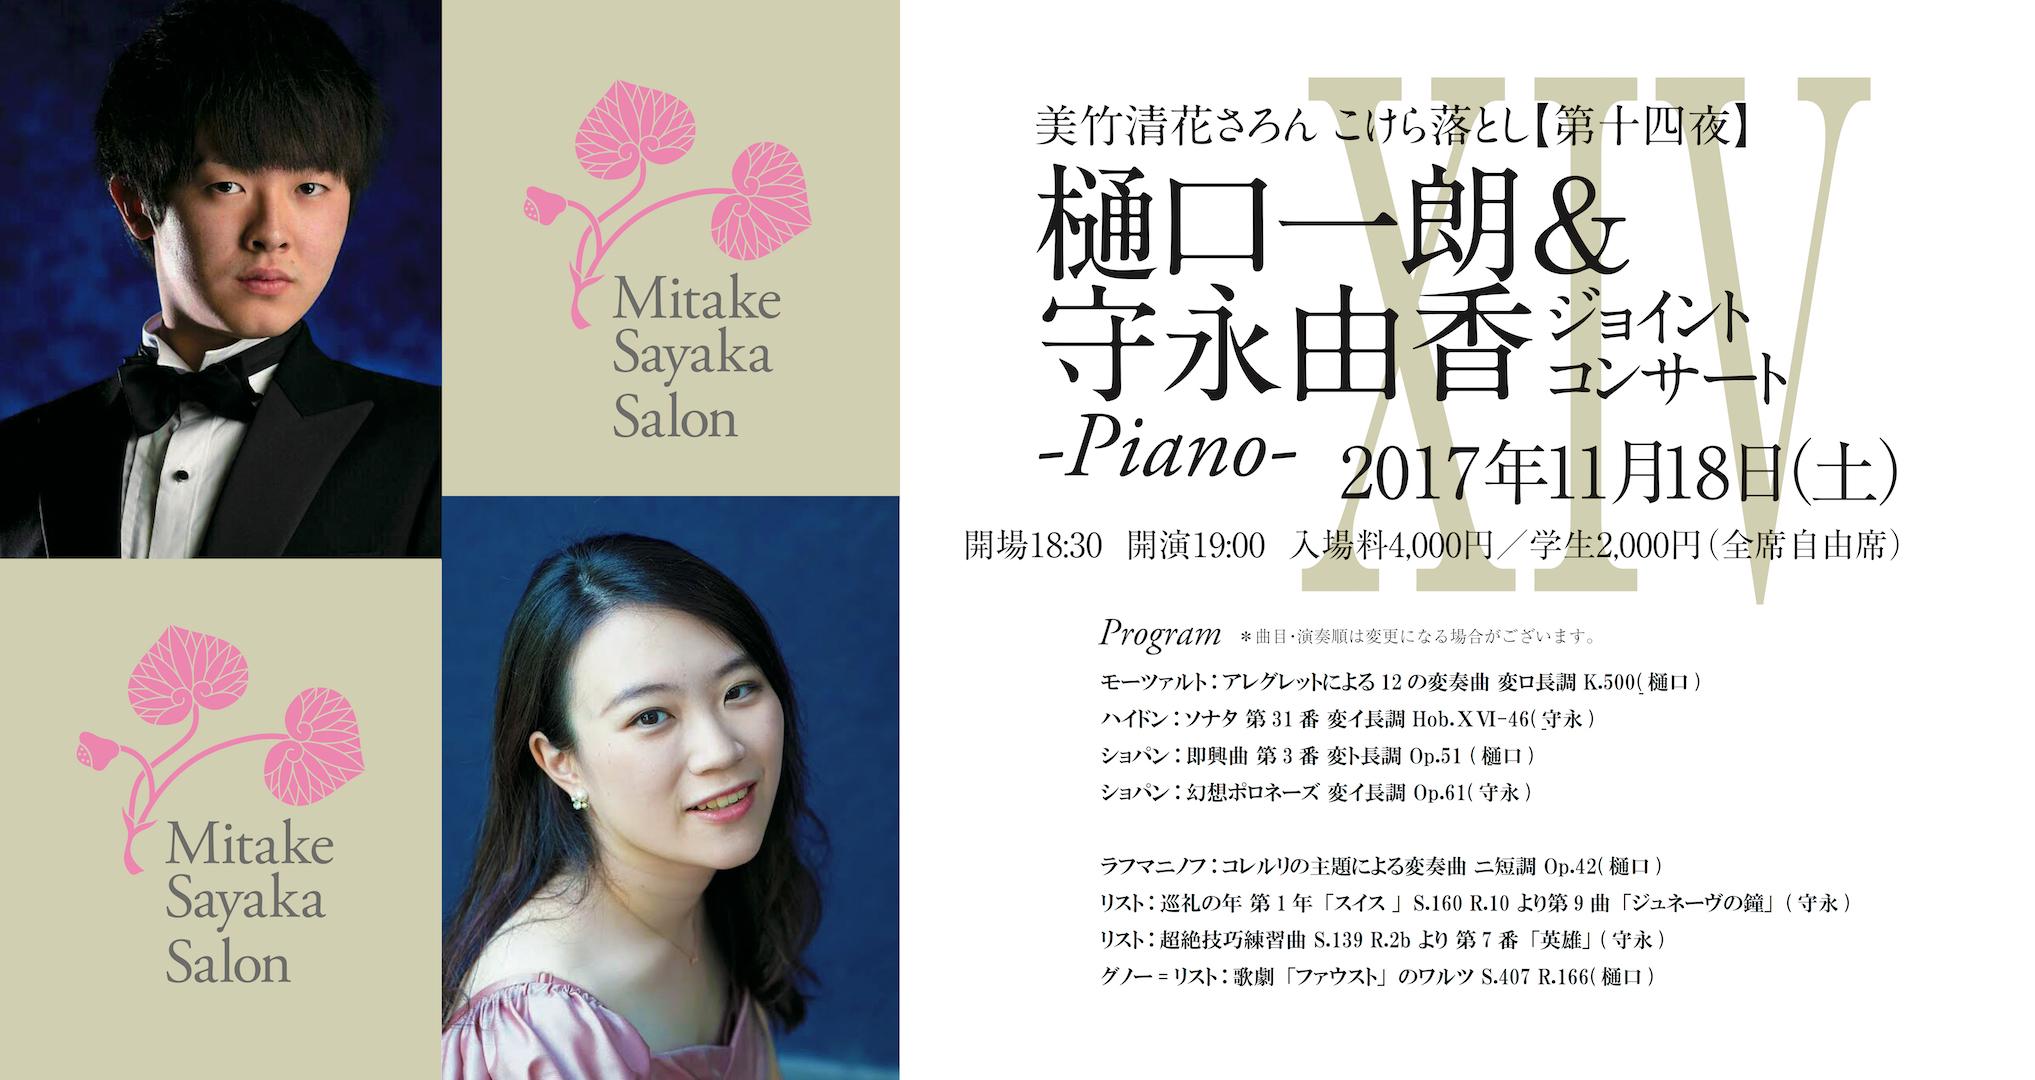 11月18日 19:00〜 樋口一朗&守永由香ジョイントサロンコンサート-Piano-